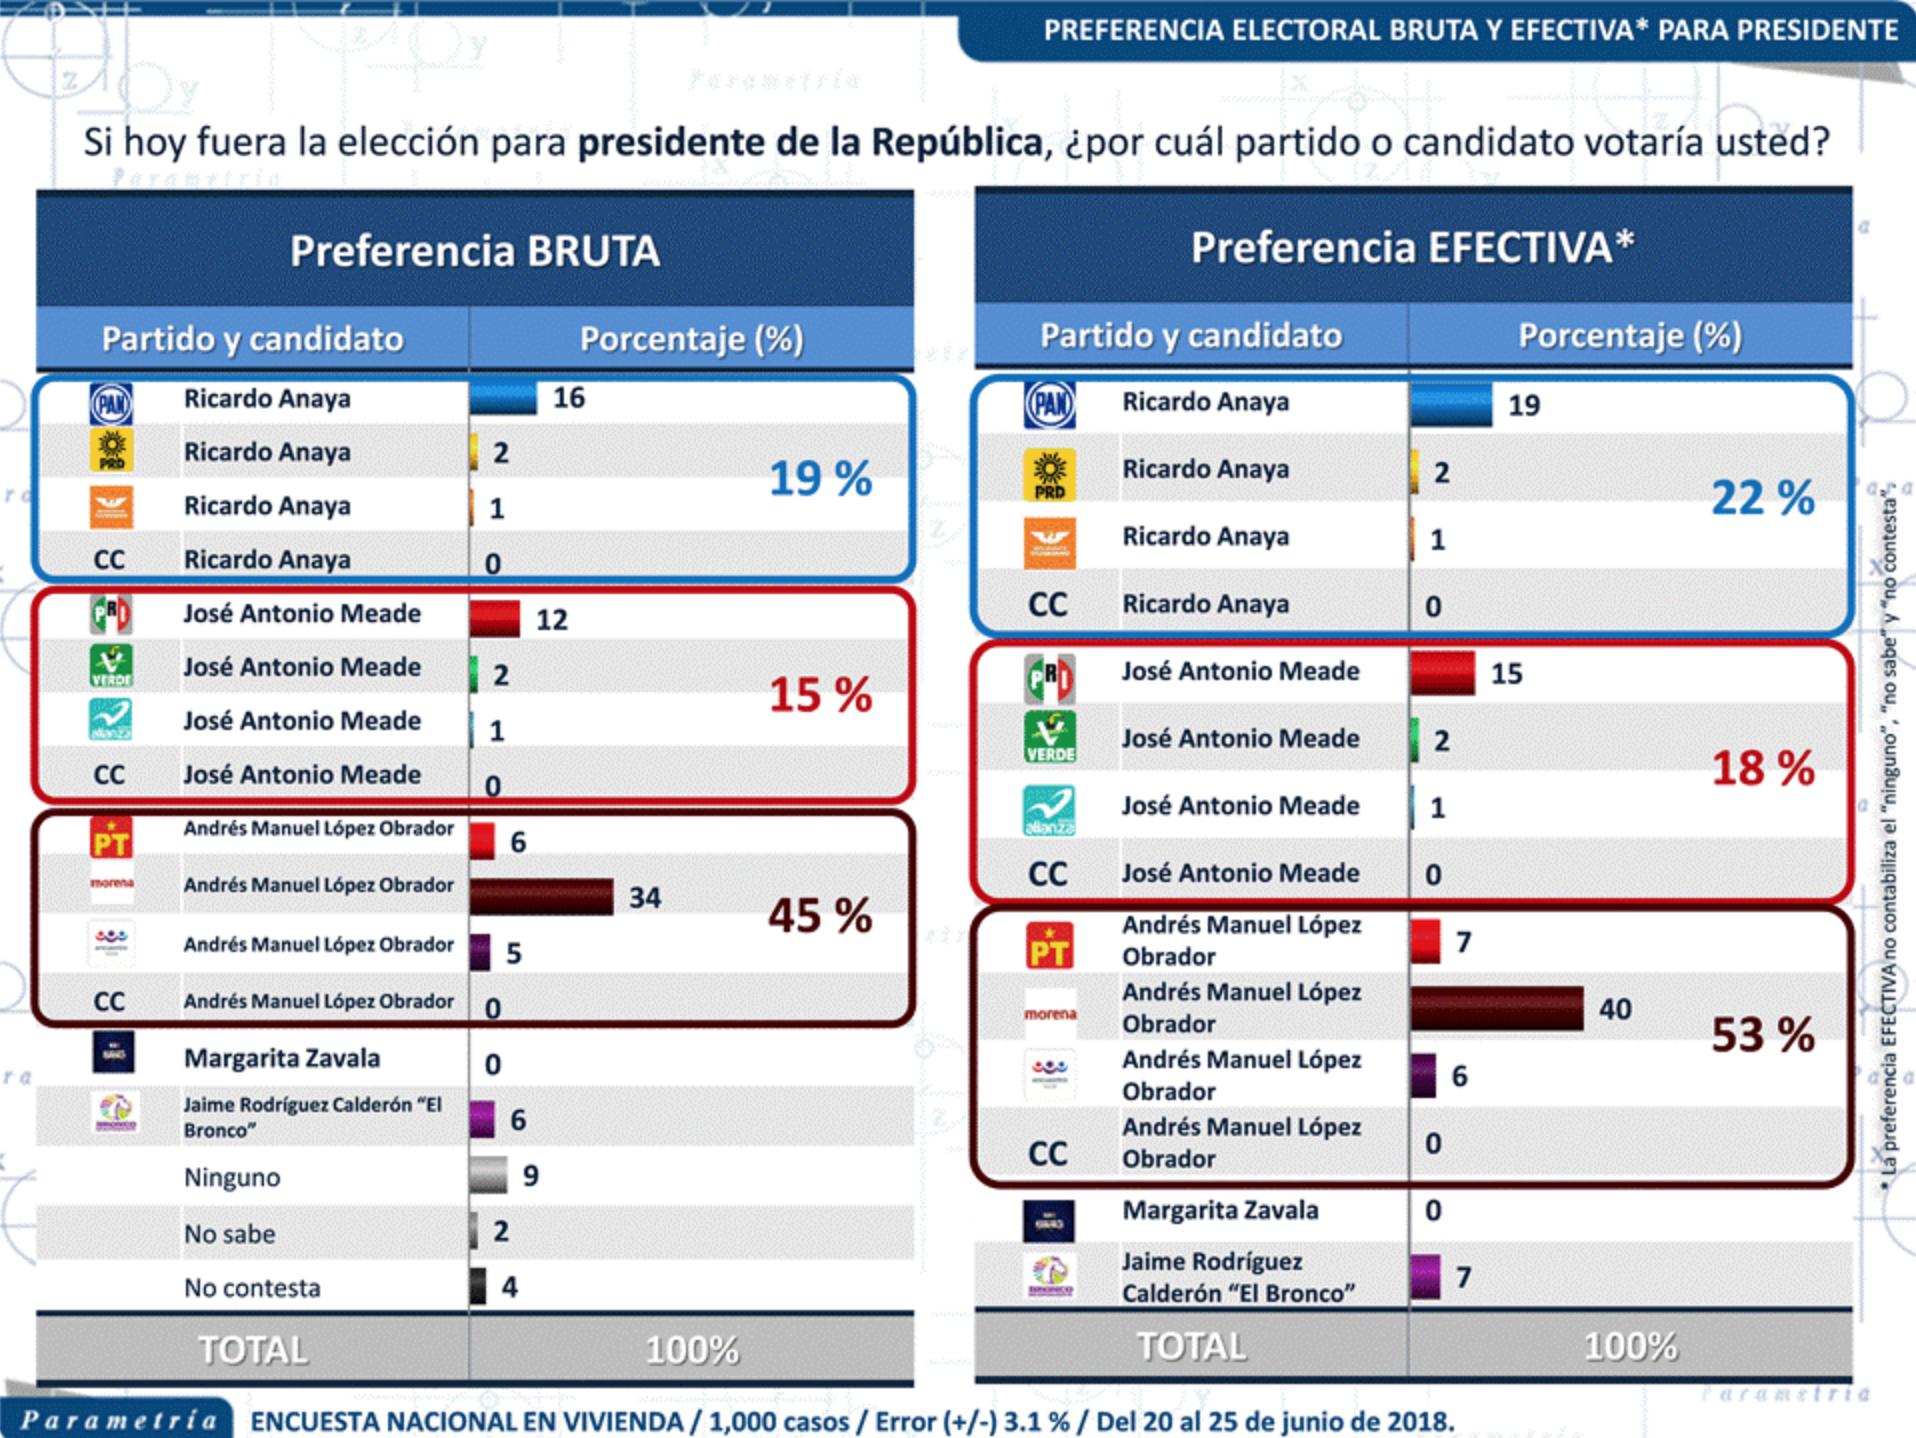 Encuesta de preferencias electorales de Parametría. Publicación: 27 de junio de 2018.